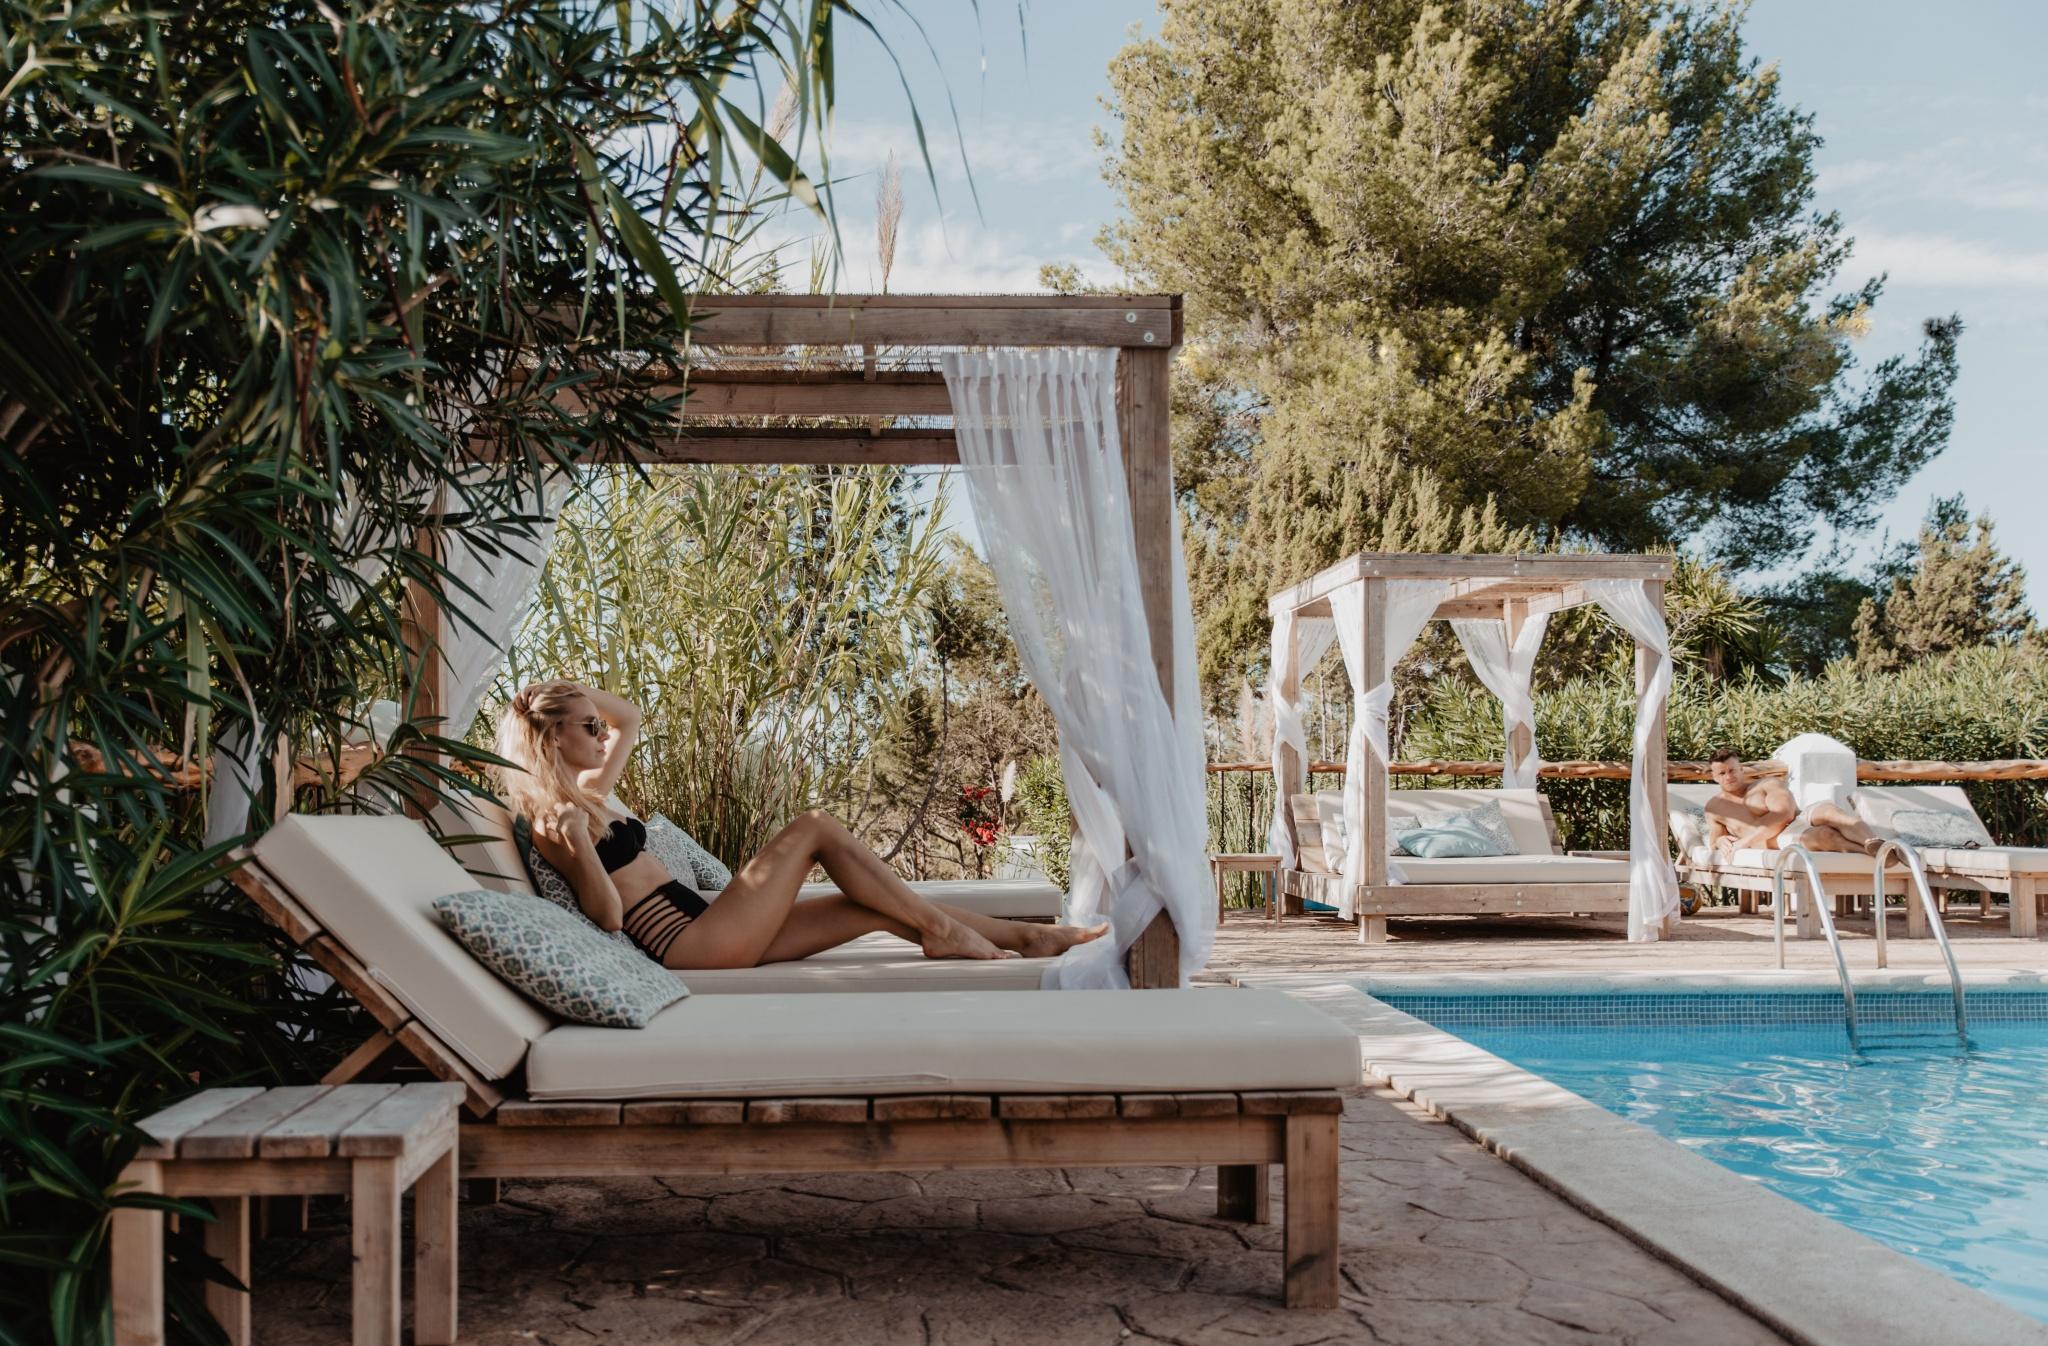 Hoteles ruarles y agroturismos de Sant Antoni de Portmany